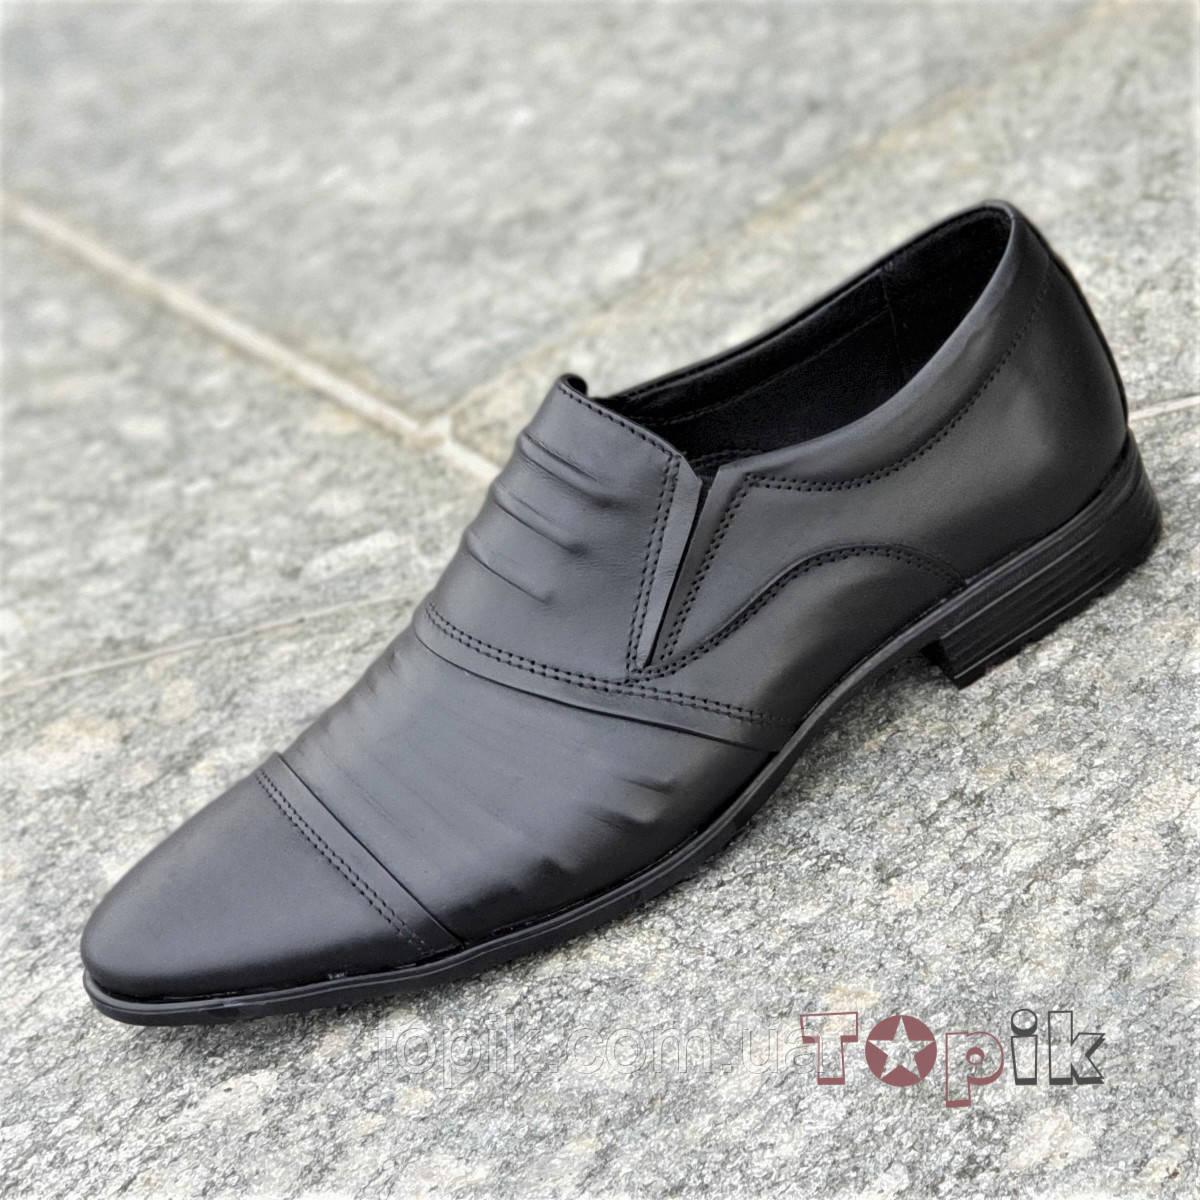 Мужские модельные туфли, классические без шнурков кожаные черные на резинках практичные и удобные (Код: 1397)